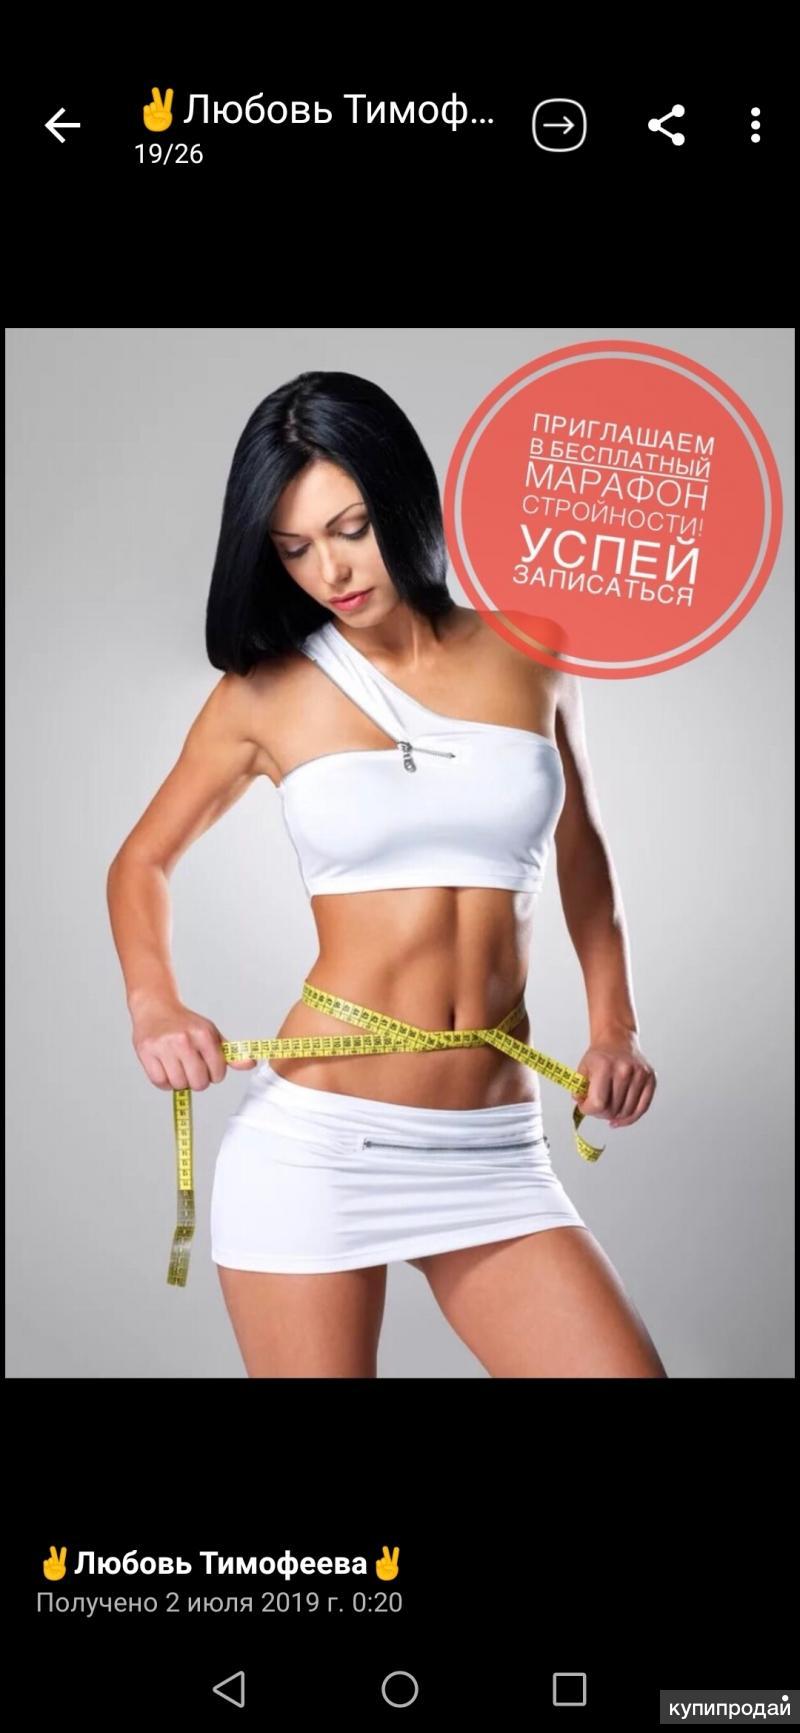 Группы Похудения Иркутск.